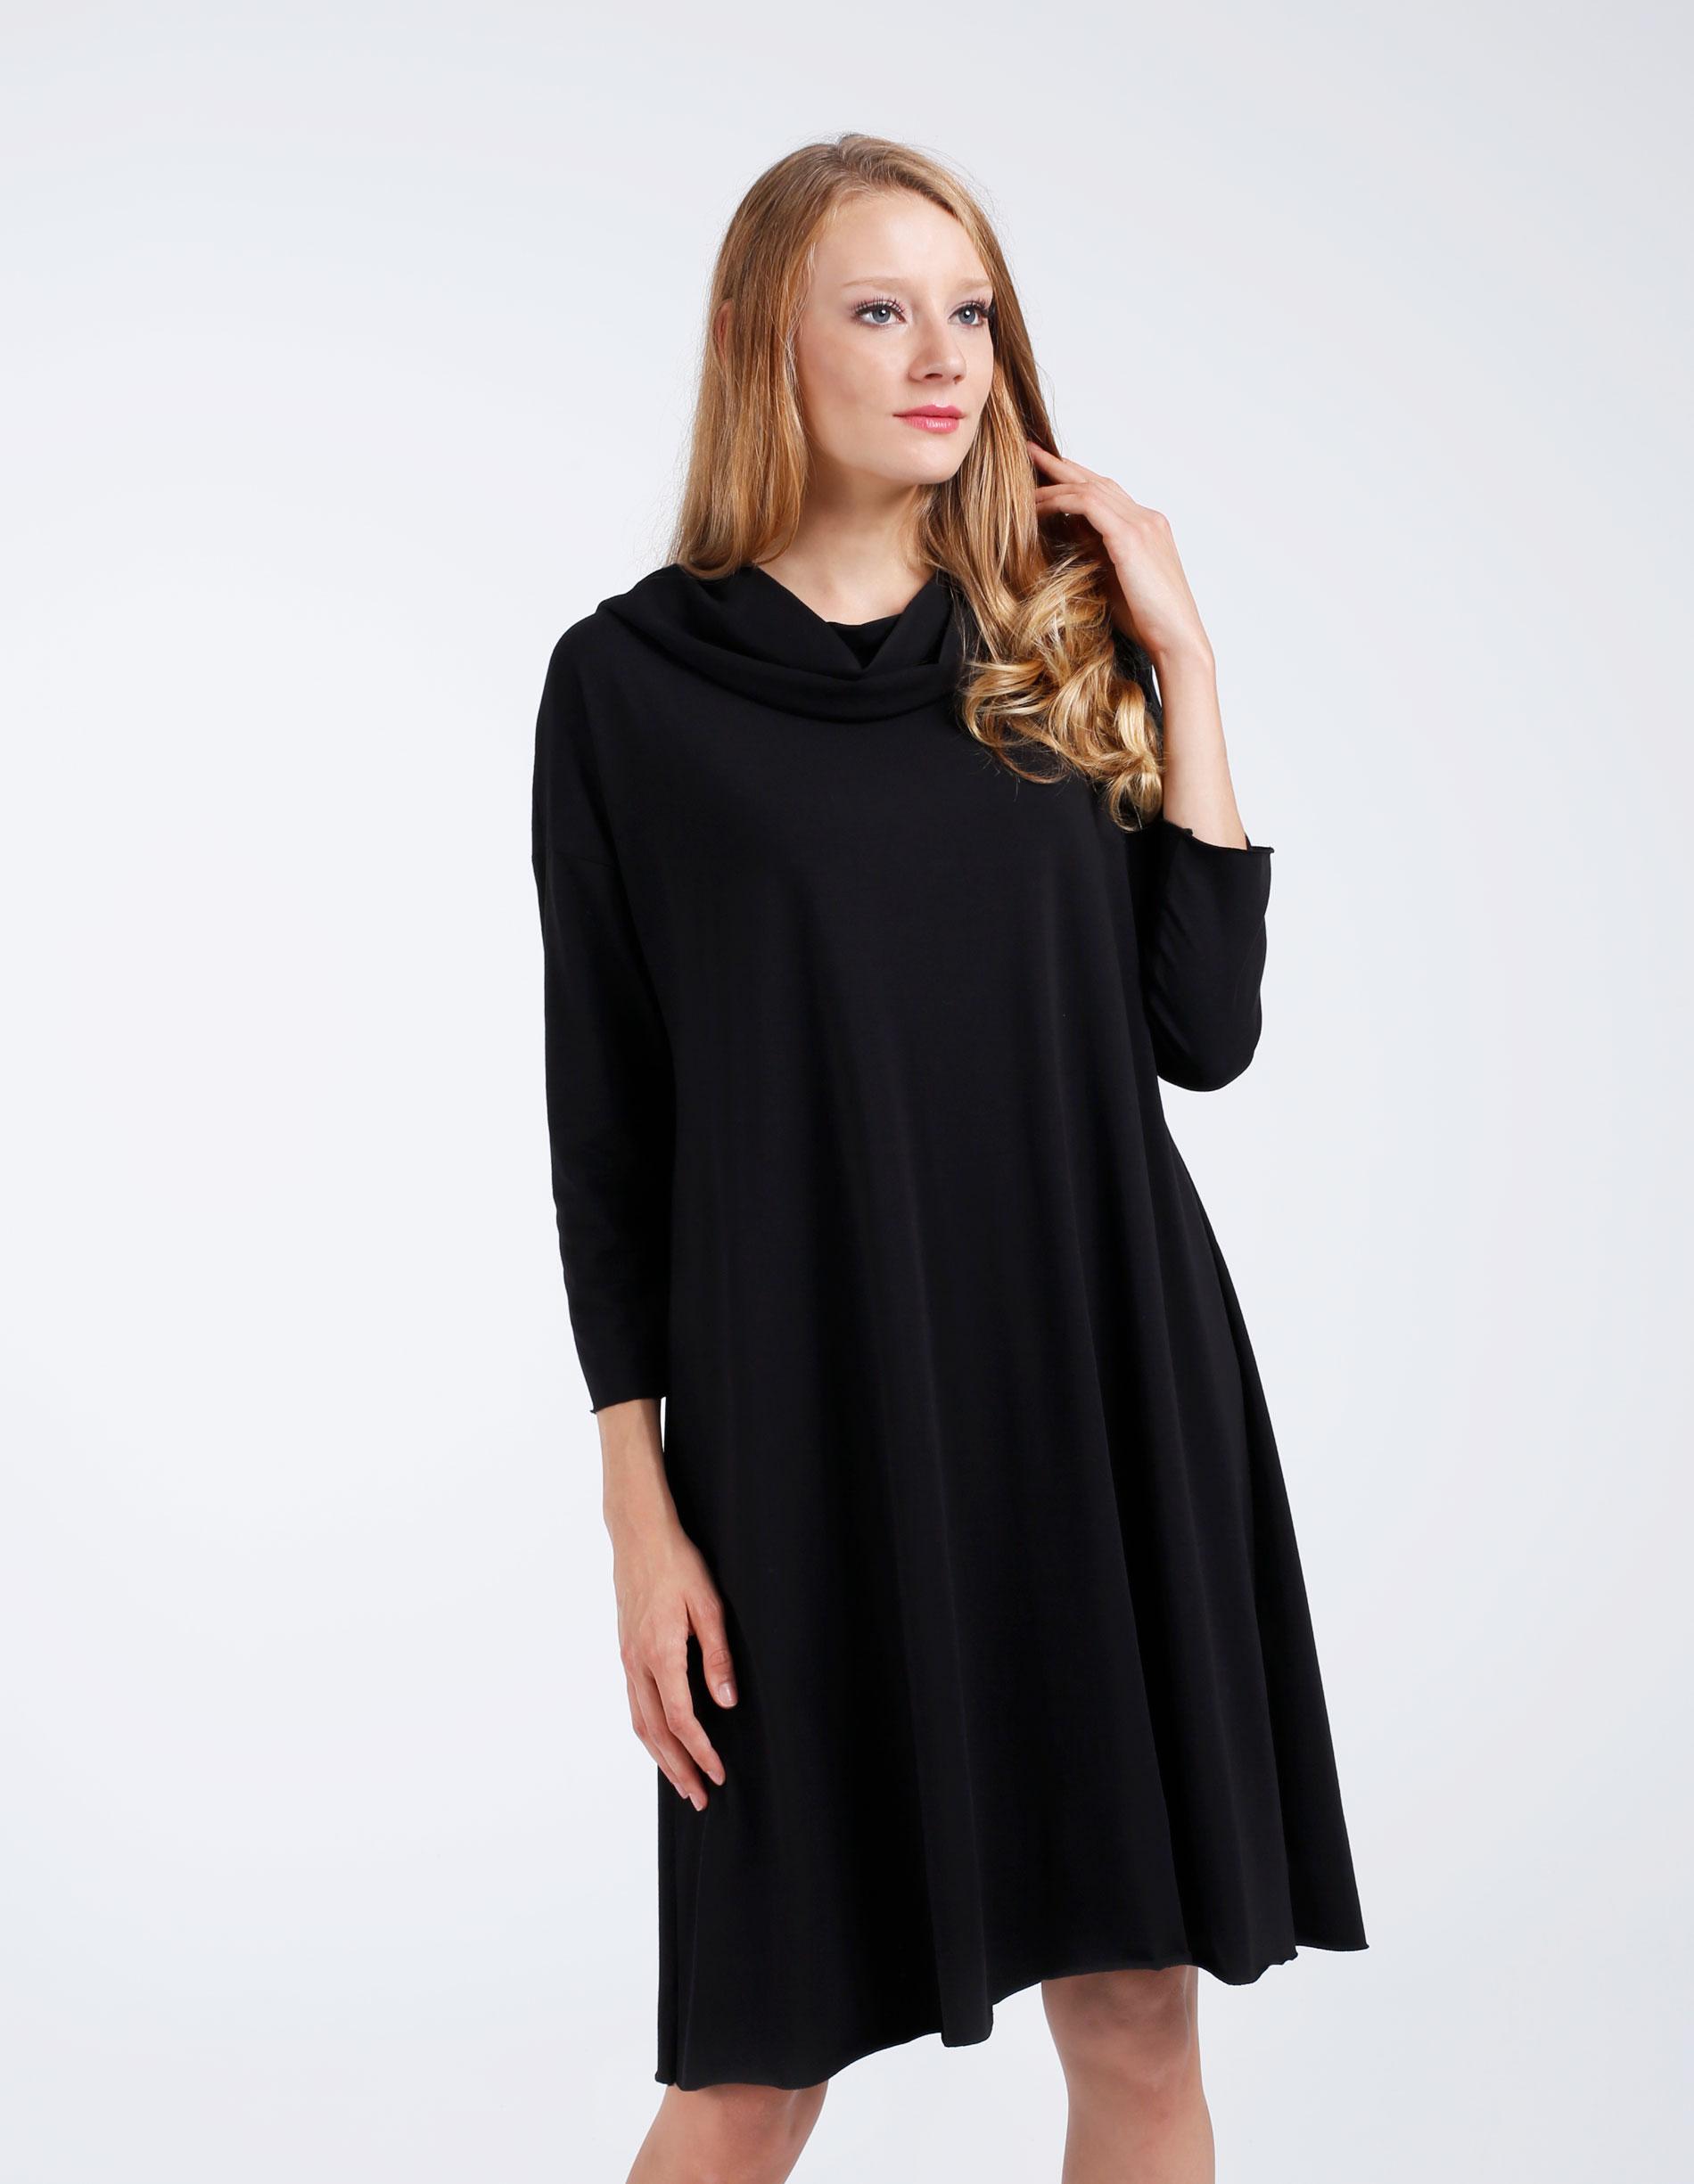 Sukienka - 30-87142 NERO - Unisono